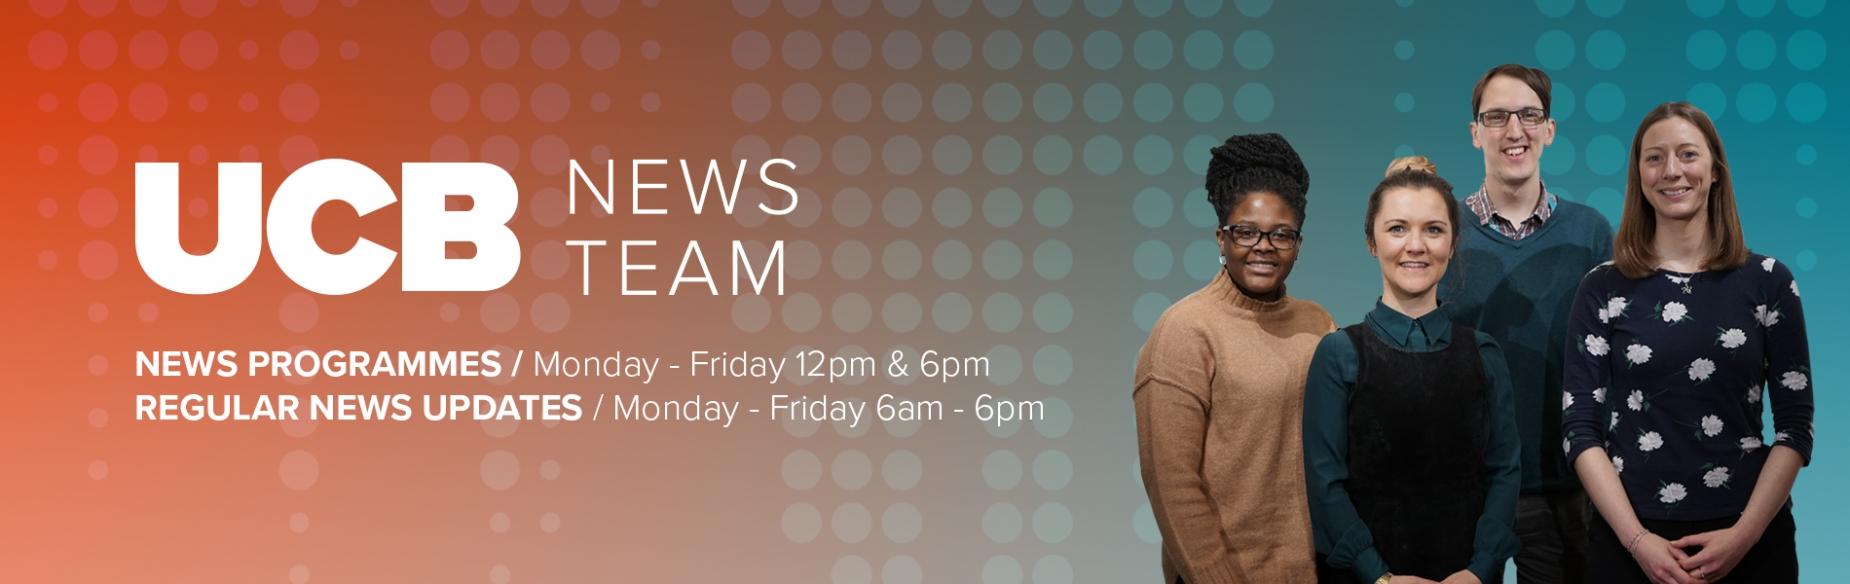 UCB News team